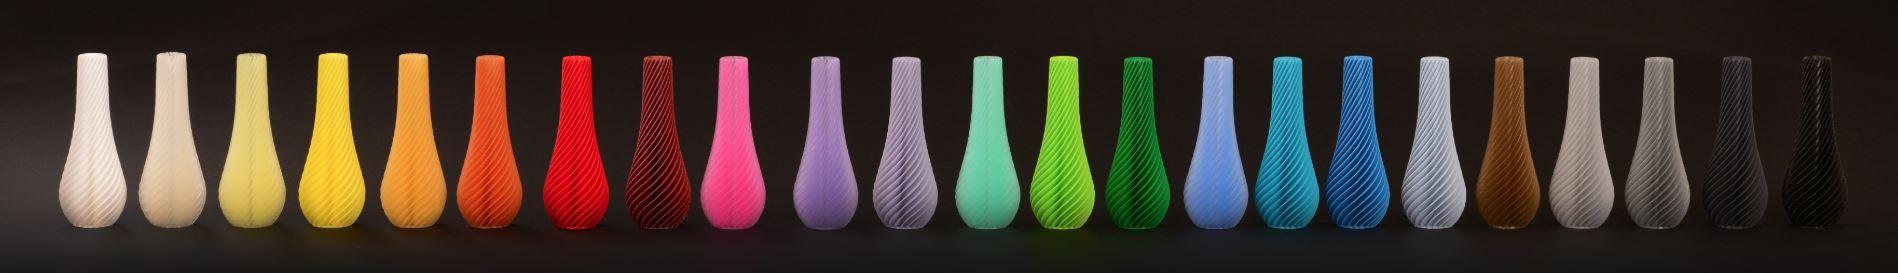 Impression 3D industrielle de toutes les couleurs